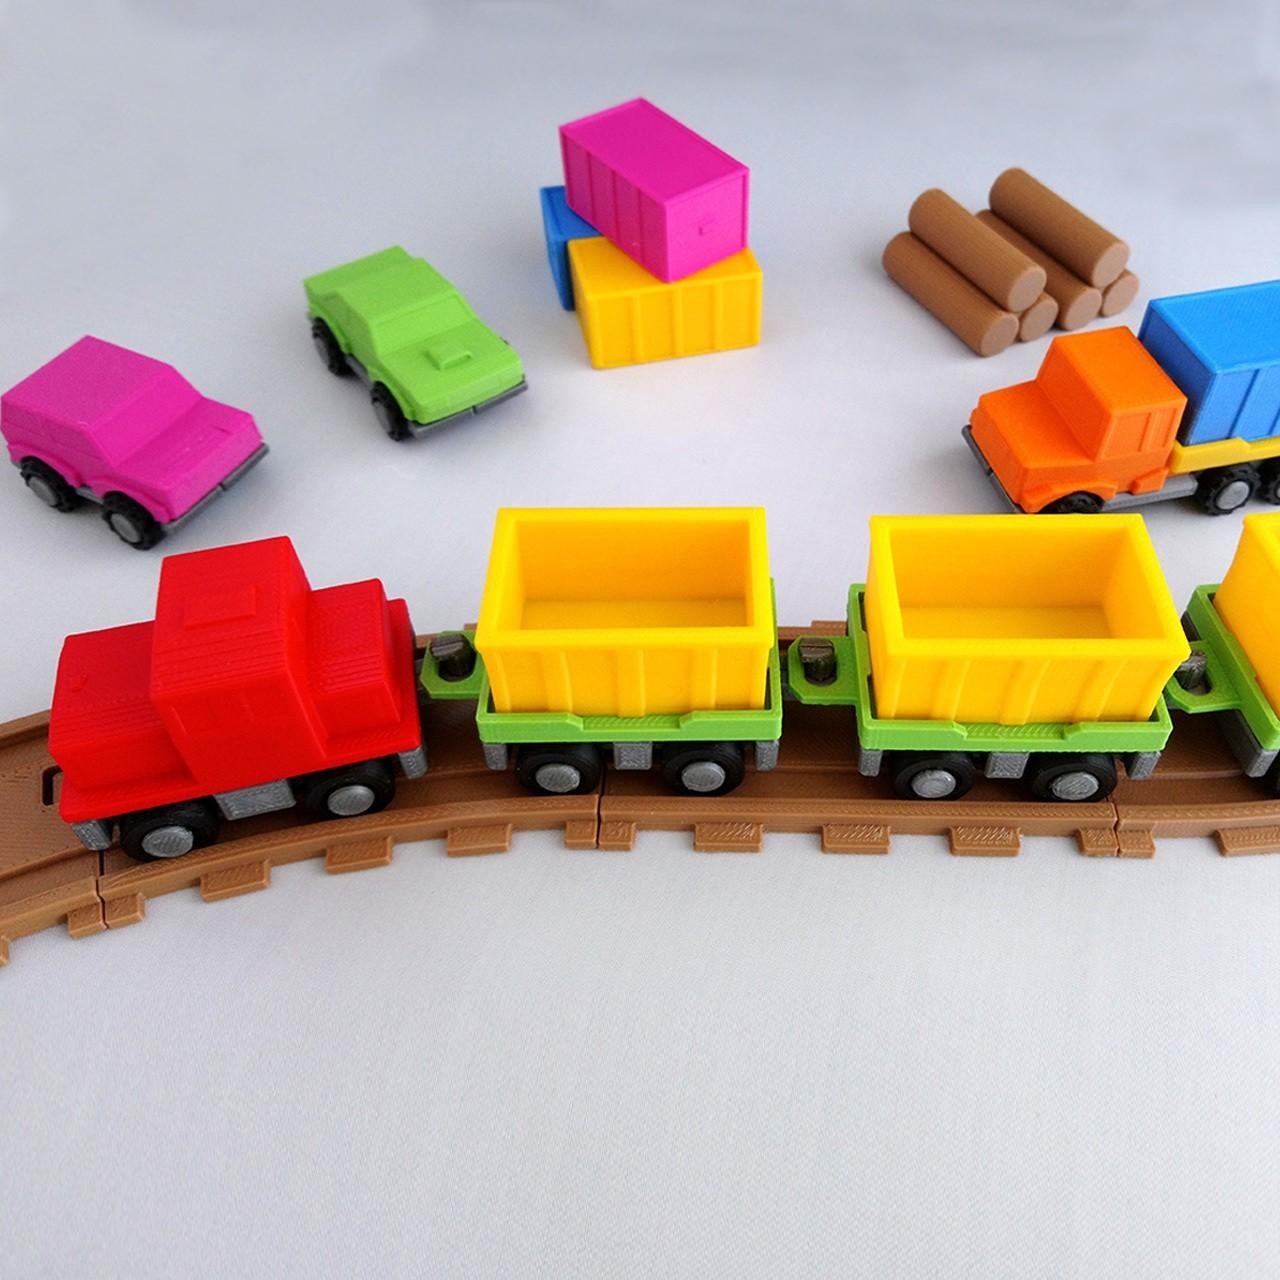 smalltoys-Starterpack05.jpg Download STL file SmallToys - Starter Pack • 3D printer model, Wabby